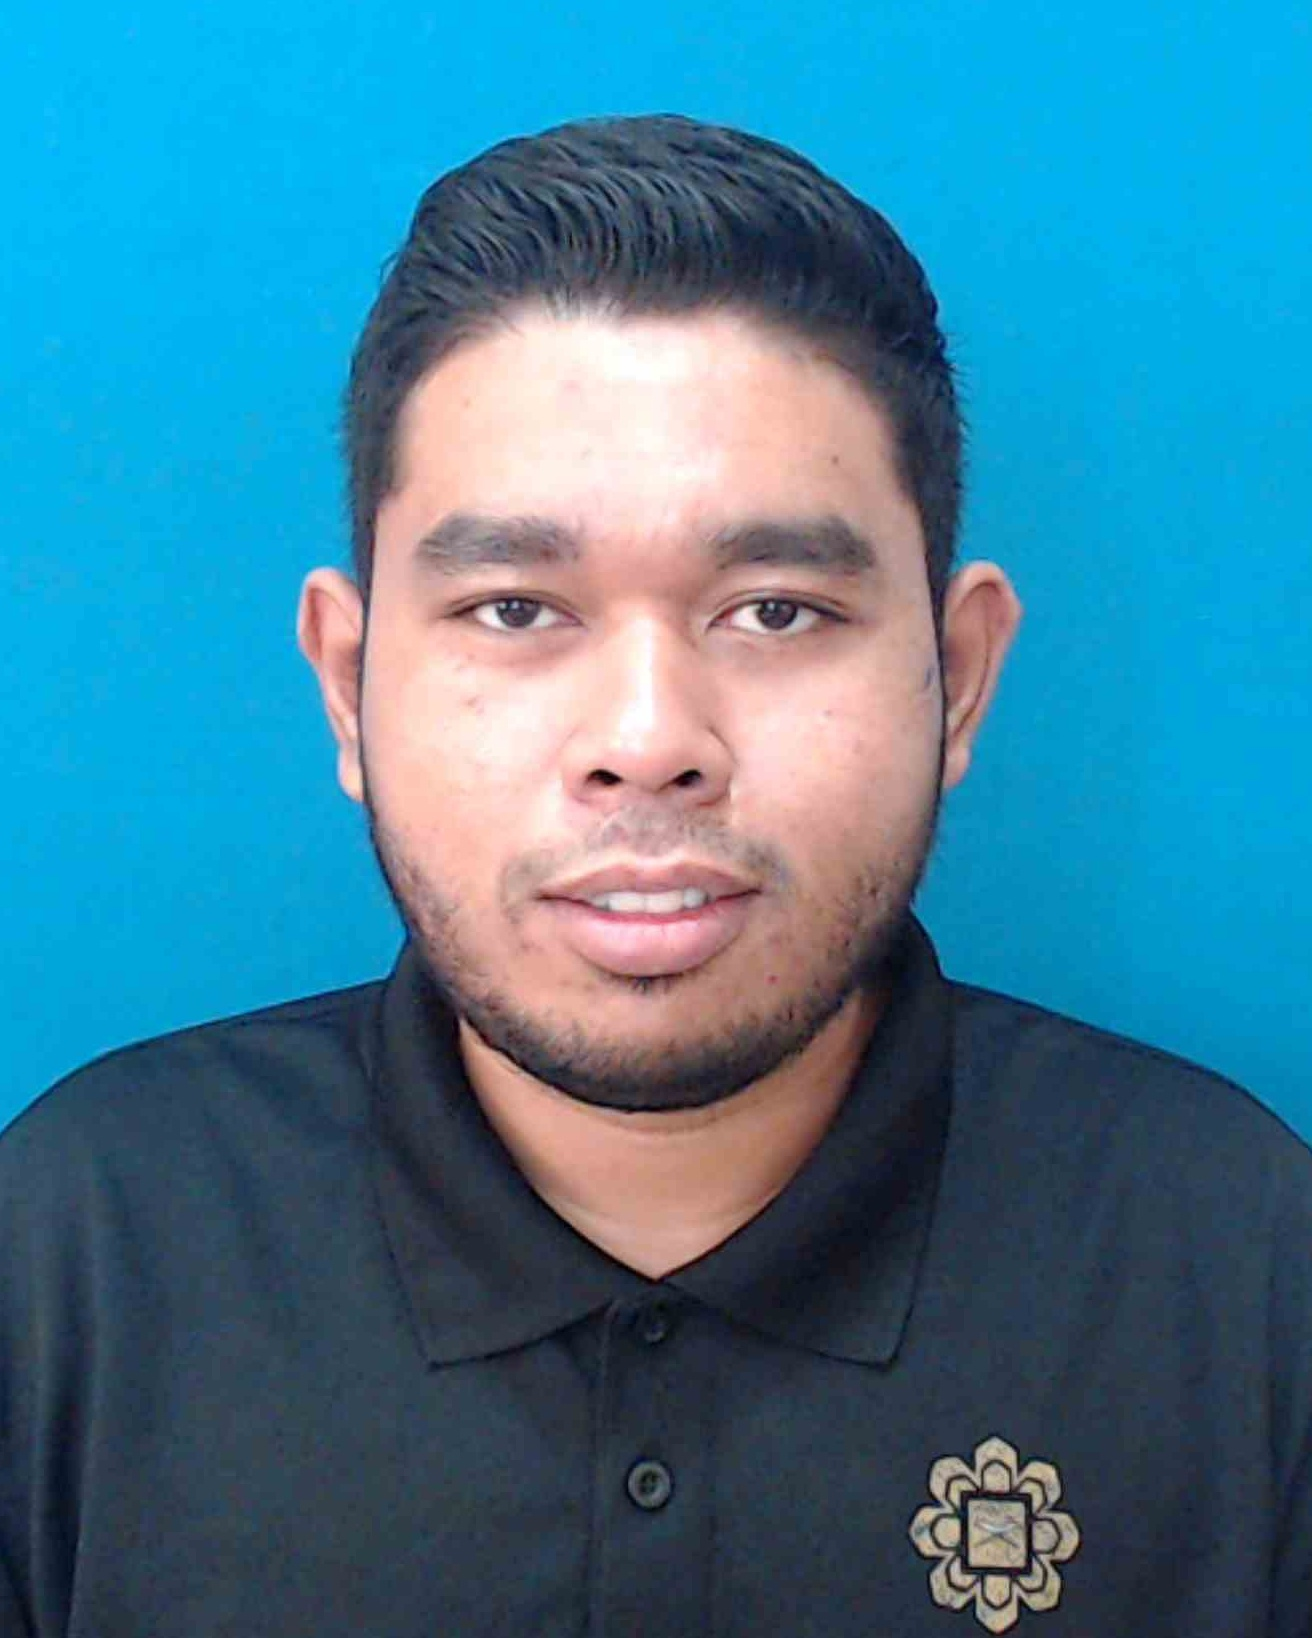 Mohamad Fitri Bin Mohamad Yusop